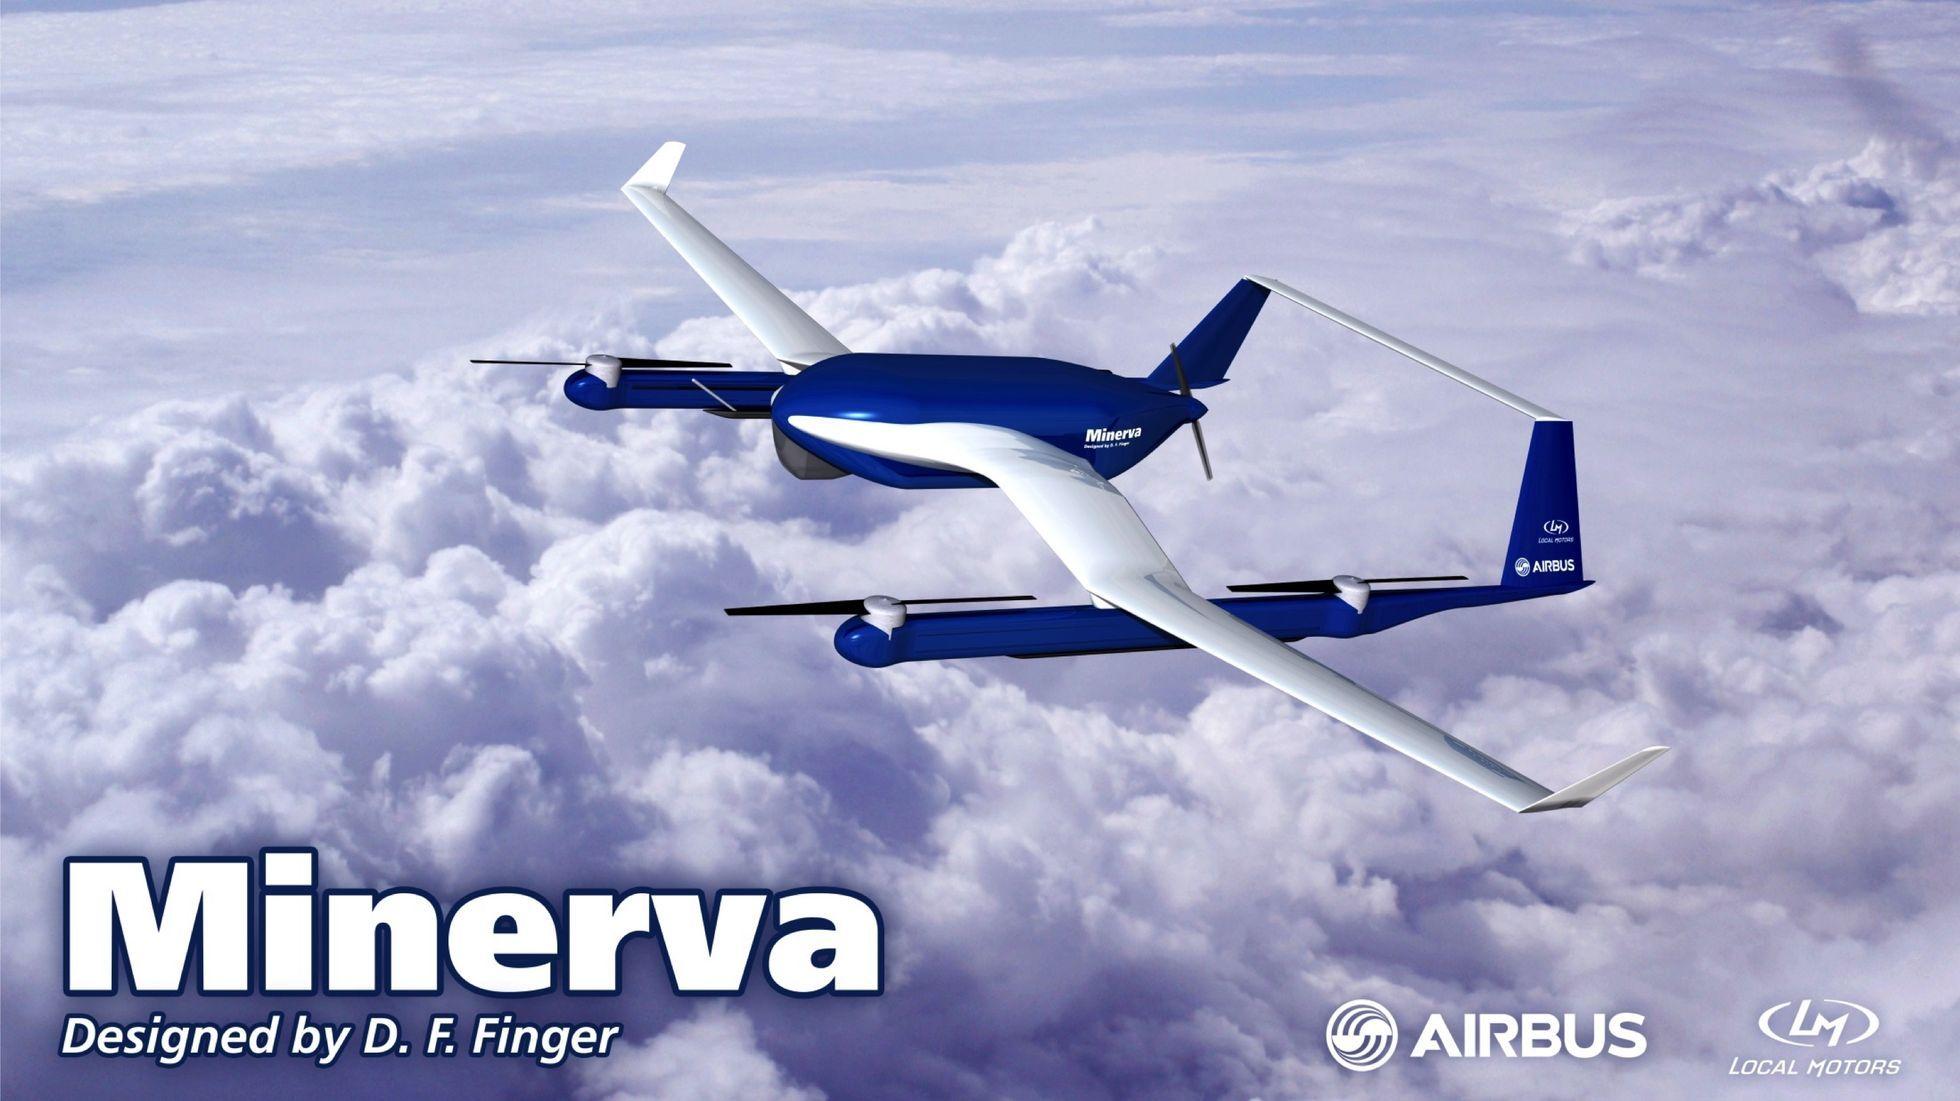 Crowdsourcing: Airbus zeichnet Lieferdrohnen aus - Die Drohne Minerva stammt aus Deutschland. (Bild: Airbus Group/Local Motors)